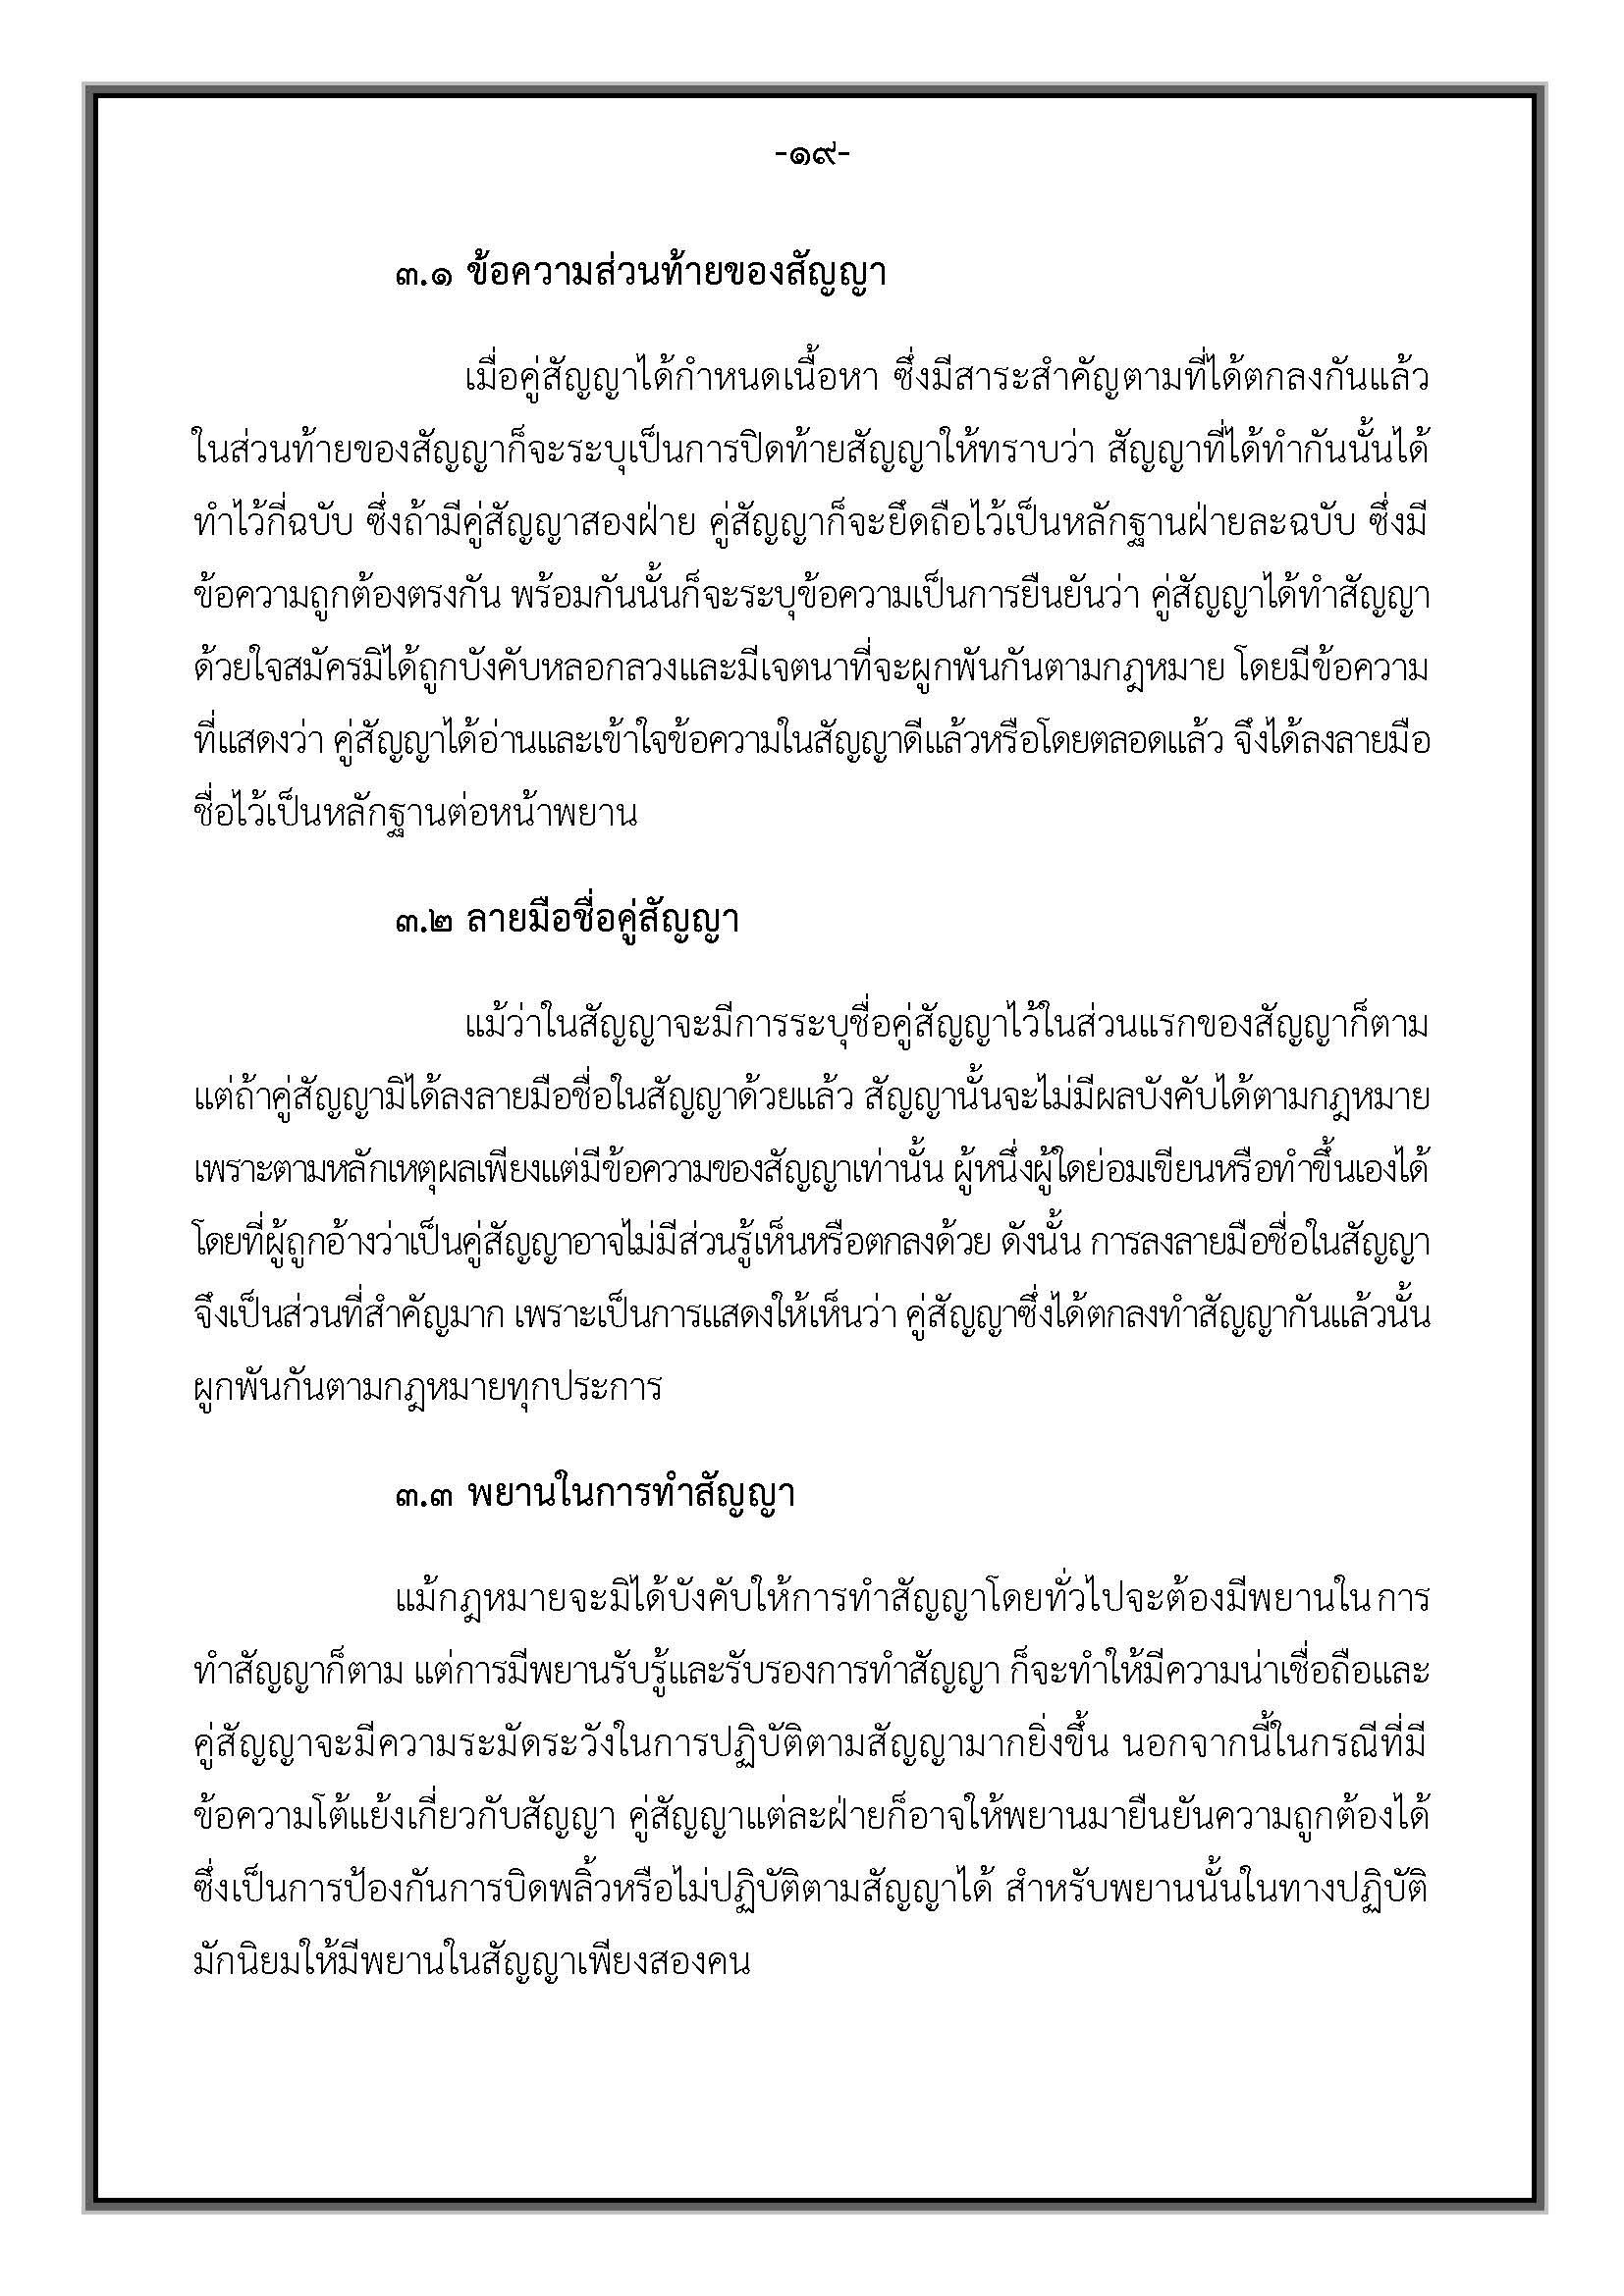 คำแนะนำ-สัญญากู้ยืมเงิน_Page_23